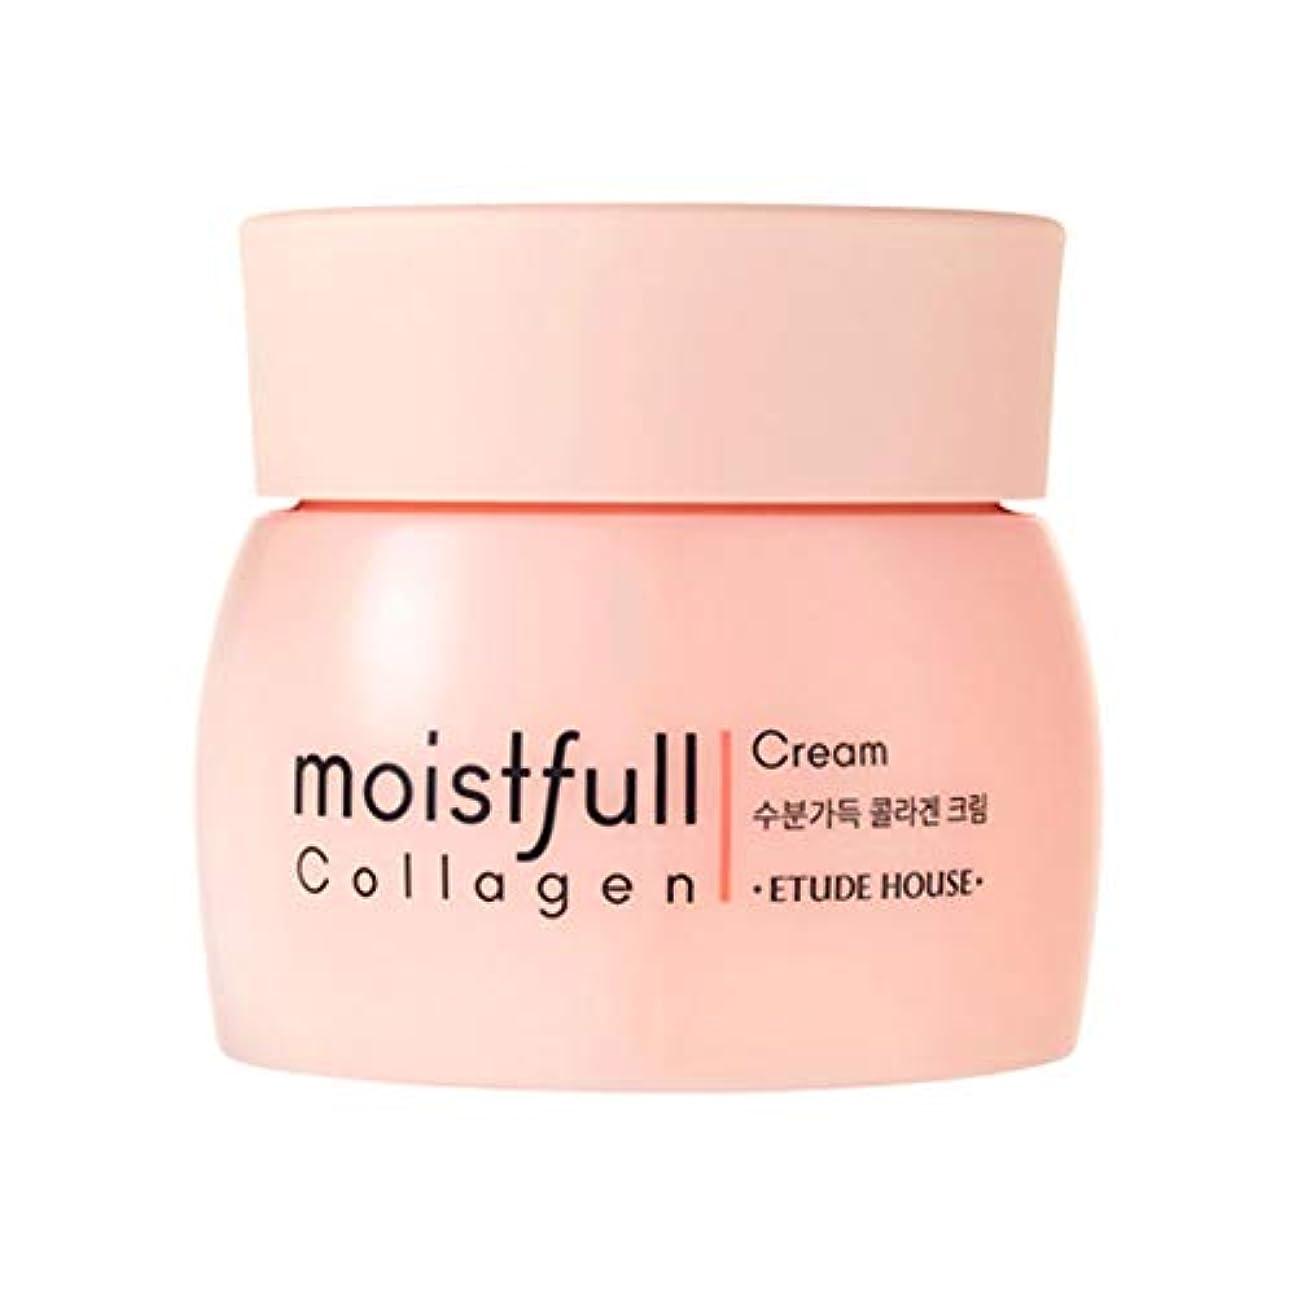 作物一定治す[NEW] エチュードハウスモイストフルコラーゲンクリーム 75ml Etude House Moistfull Collagen Cream [並行輸入品]